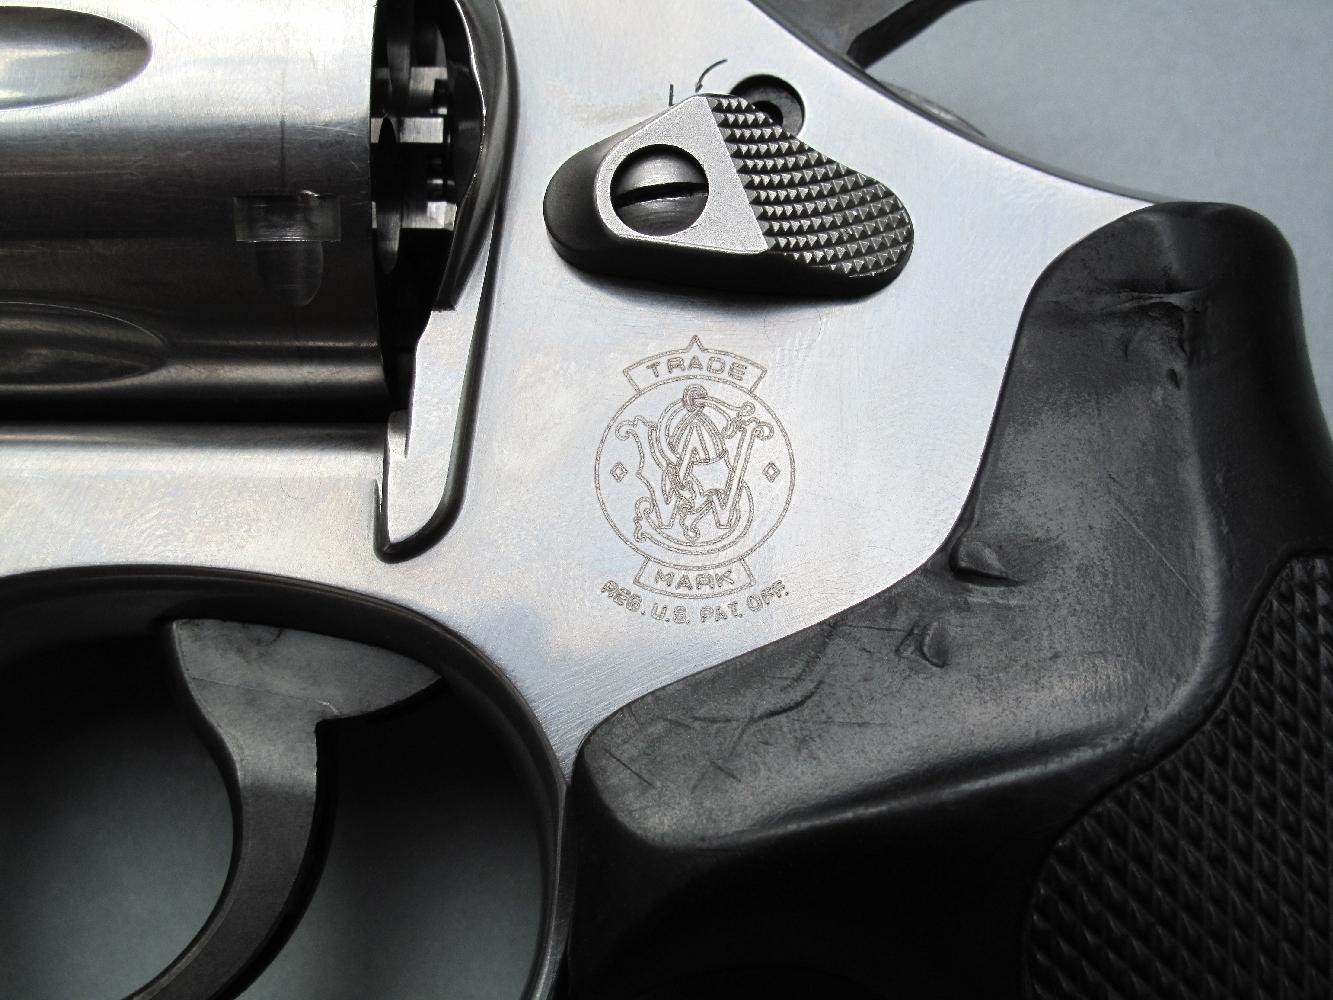 Le célèbre logo, dont la firme américaine ne s'est jamais départie depuis ses très nombreuses années d'existence, est gravé sur le flanc gauche de la carcasse.